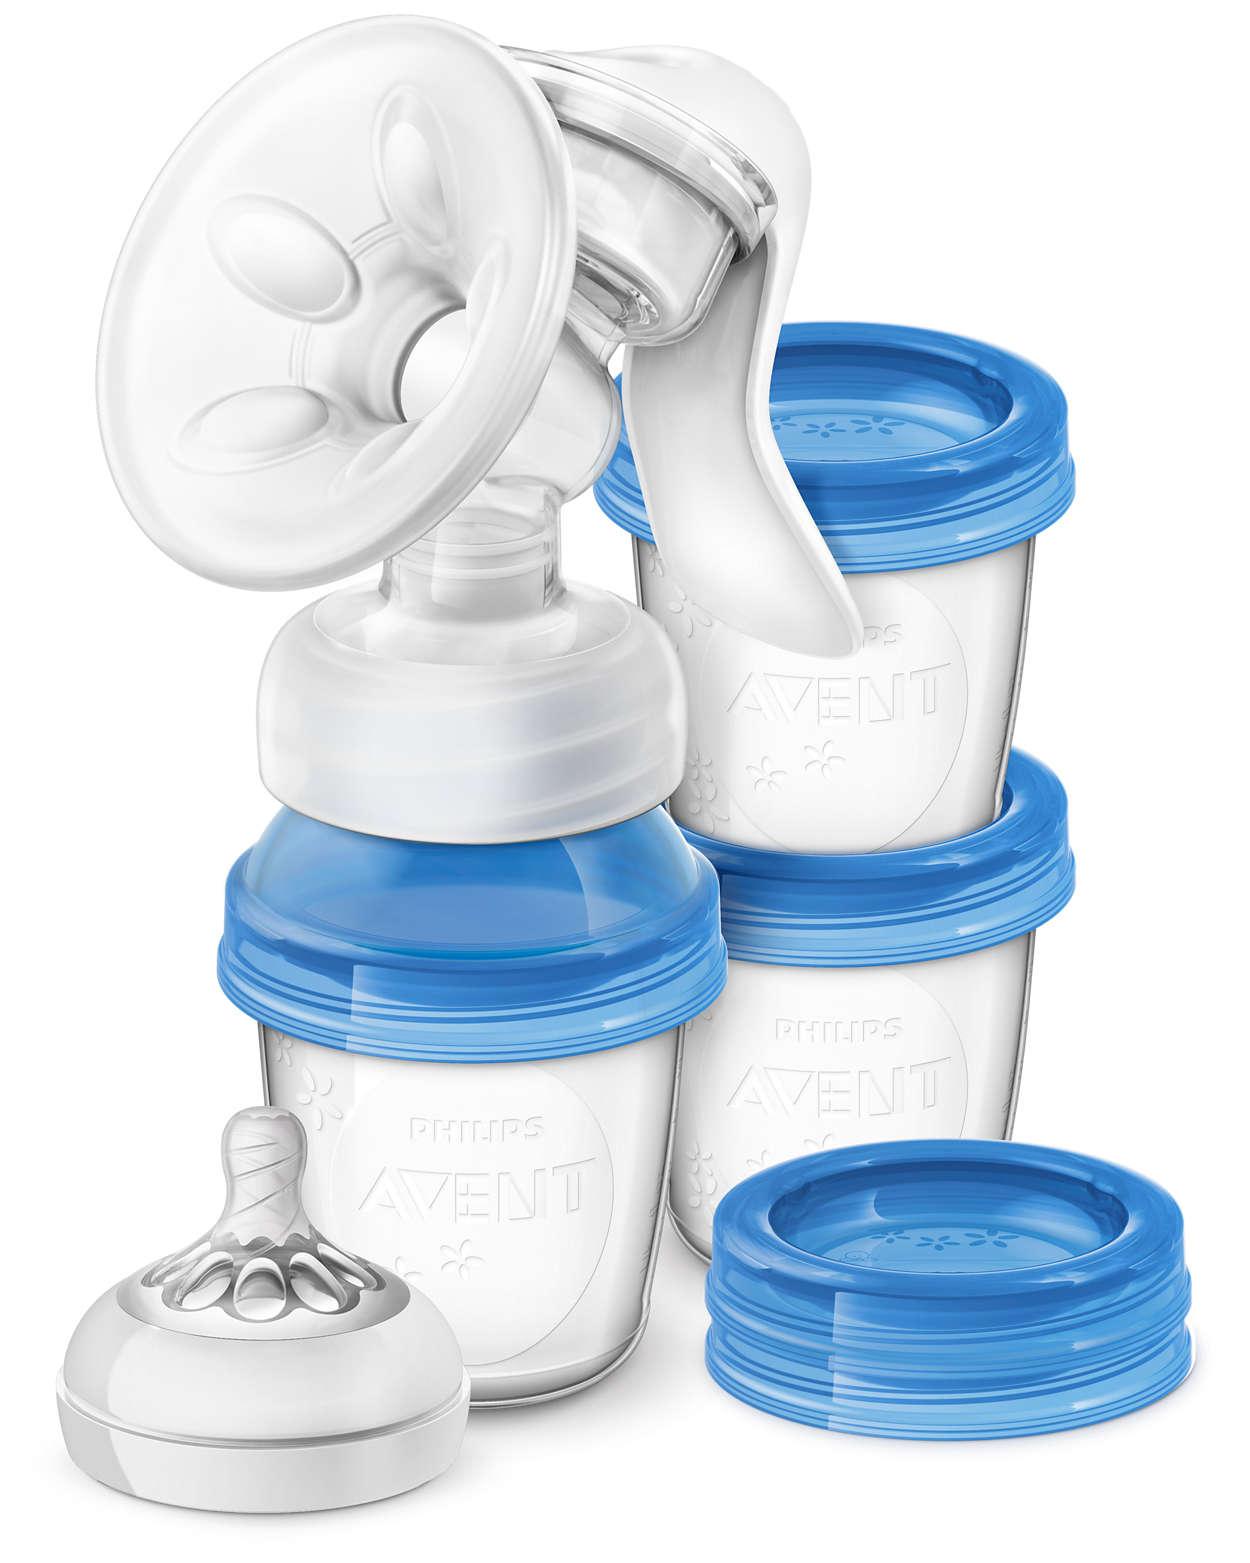 Mléko pro dítě a pohodlí pro matku